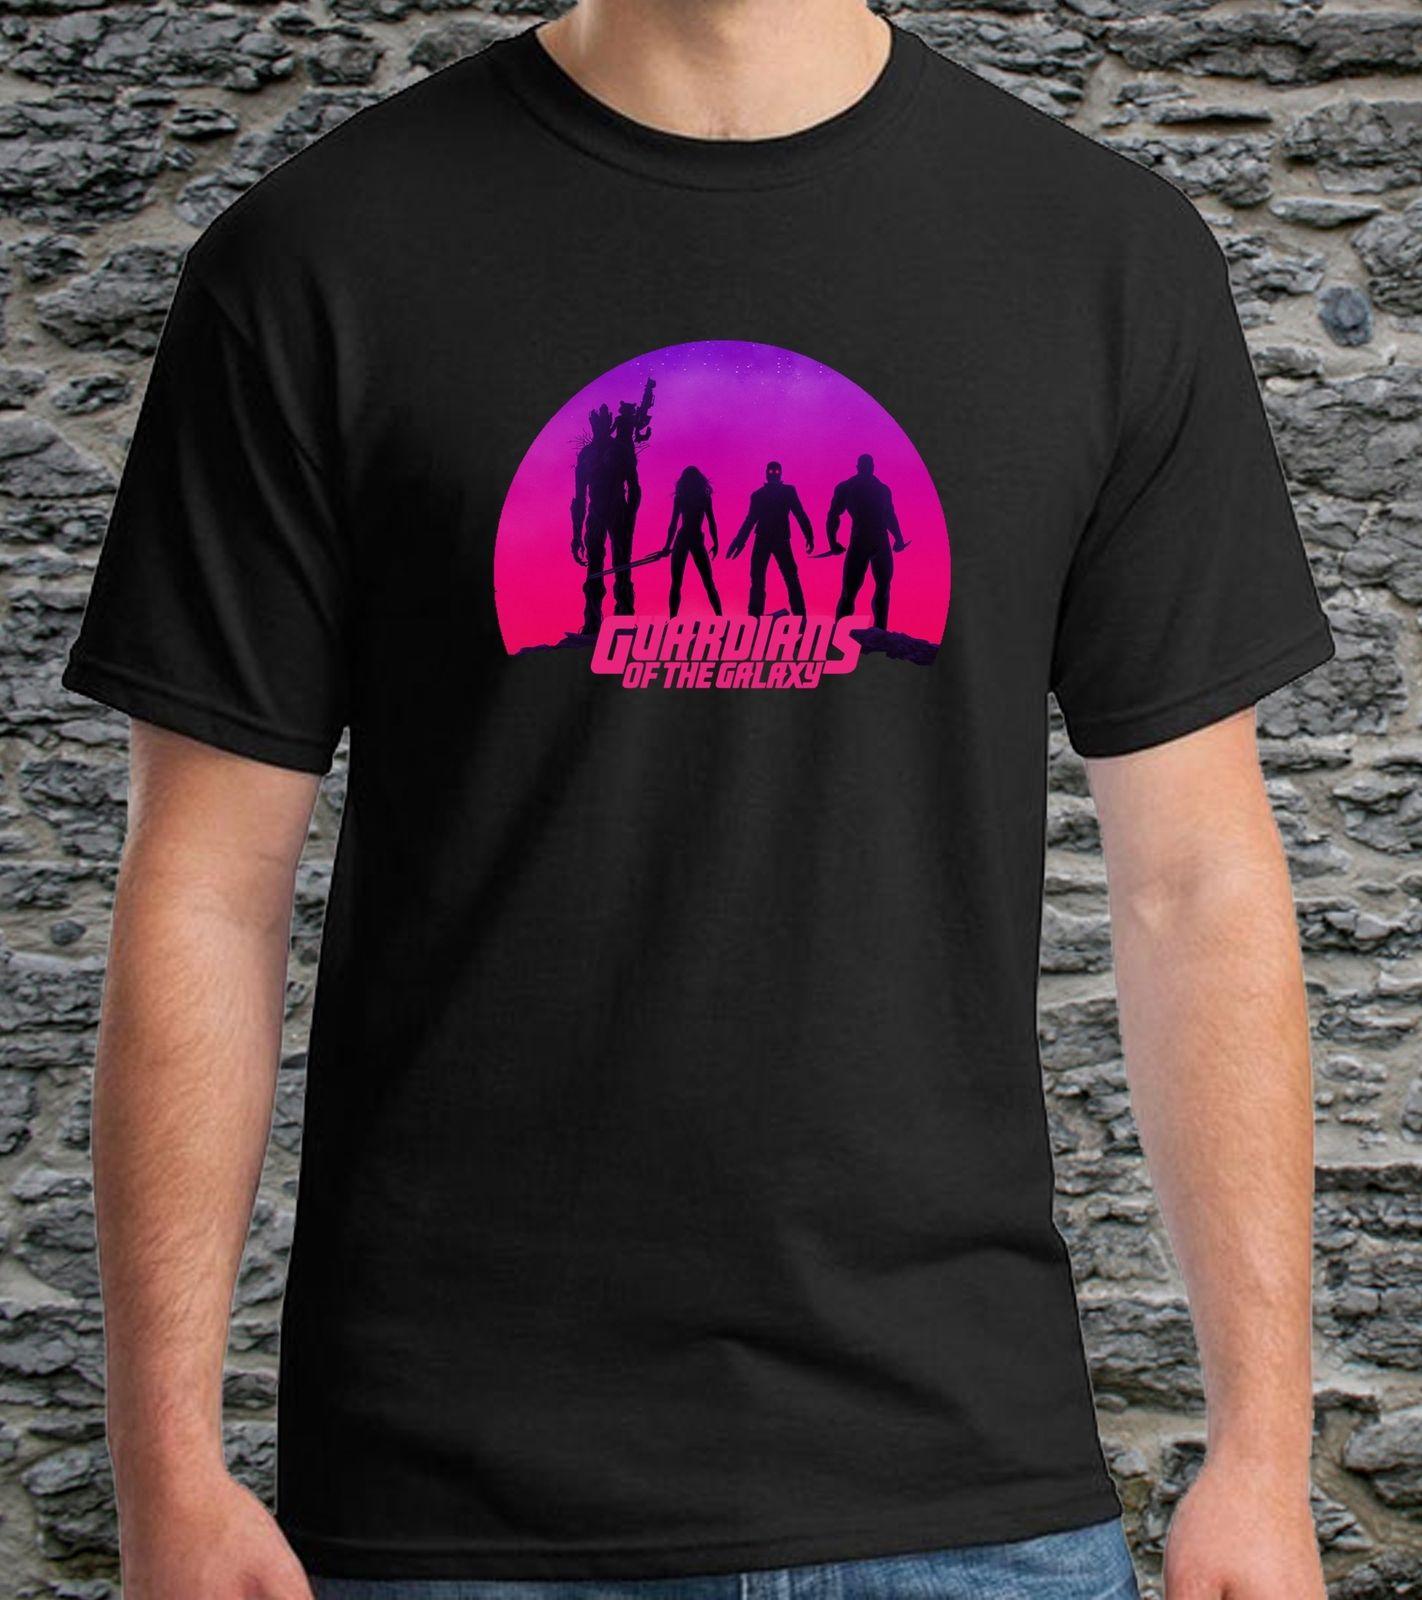 Guardians of the Galaxy 2 Black T-shirt Mens Tshirt S to 3XL Print T Shirt Men top tee